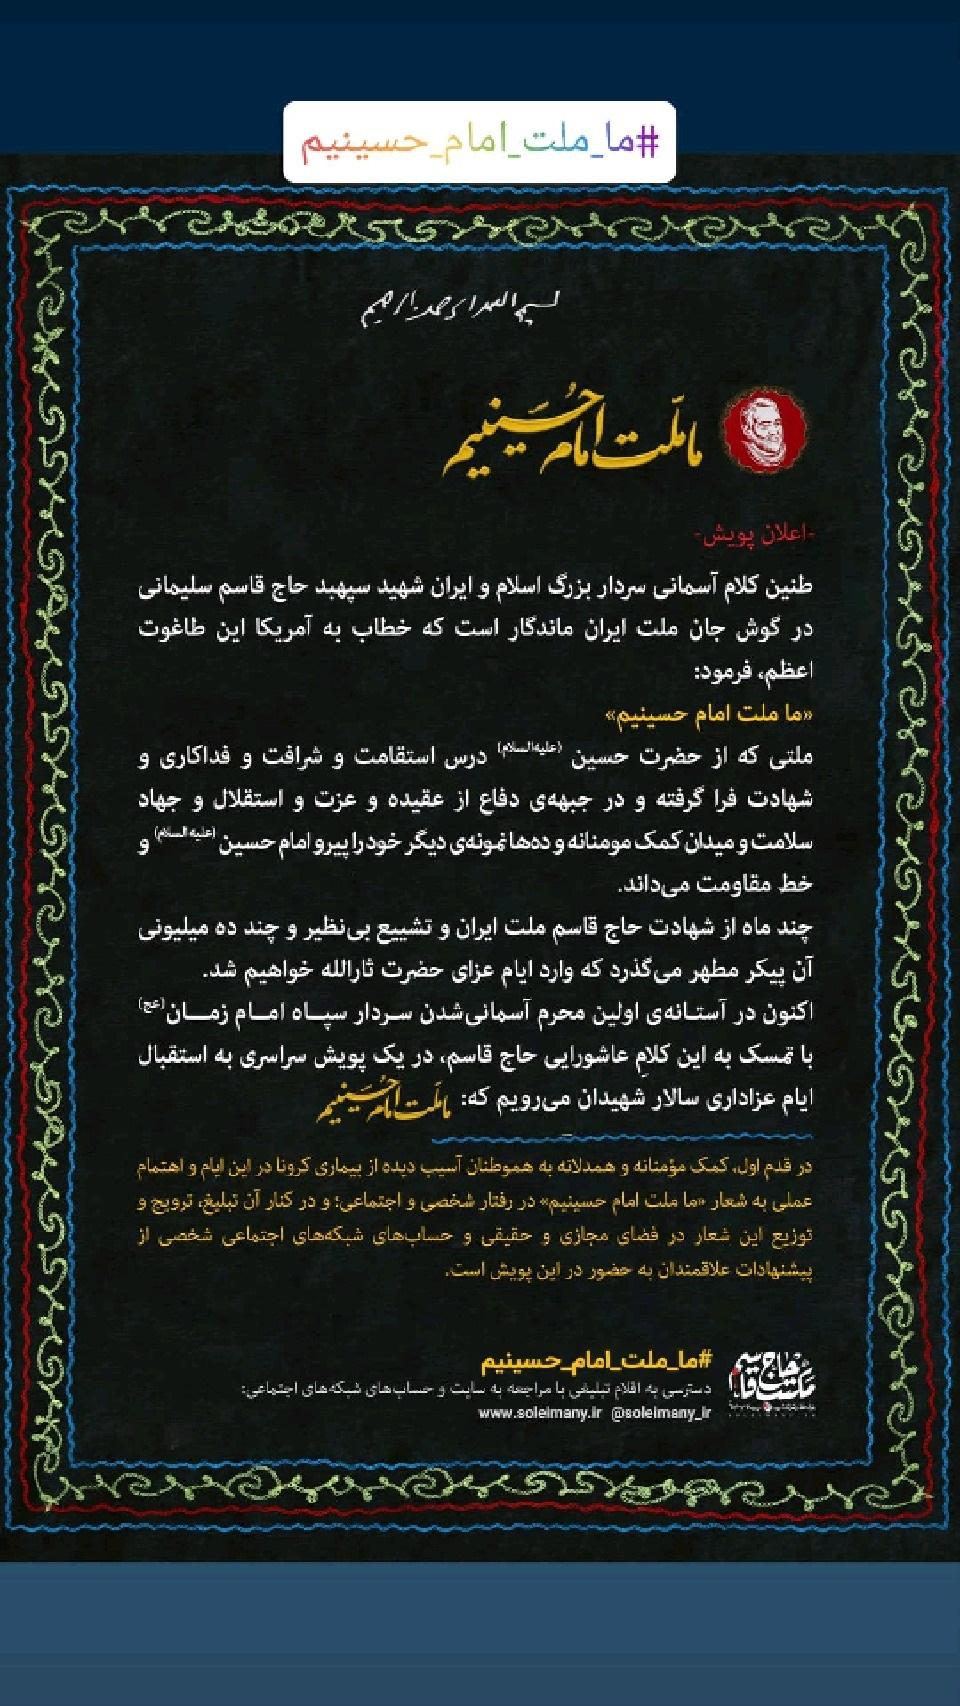 دعوت «زینب سلیمانی» برای شرکت در پویش «#ما_ملت_امام_حسینیم»